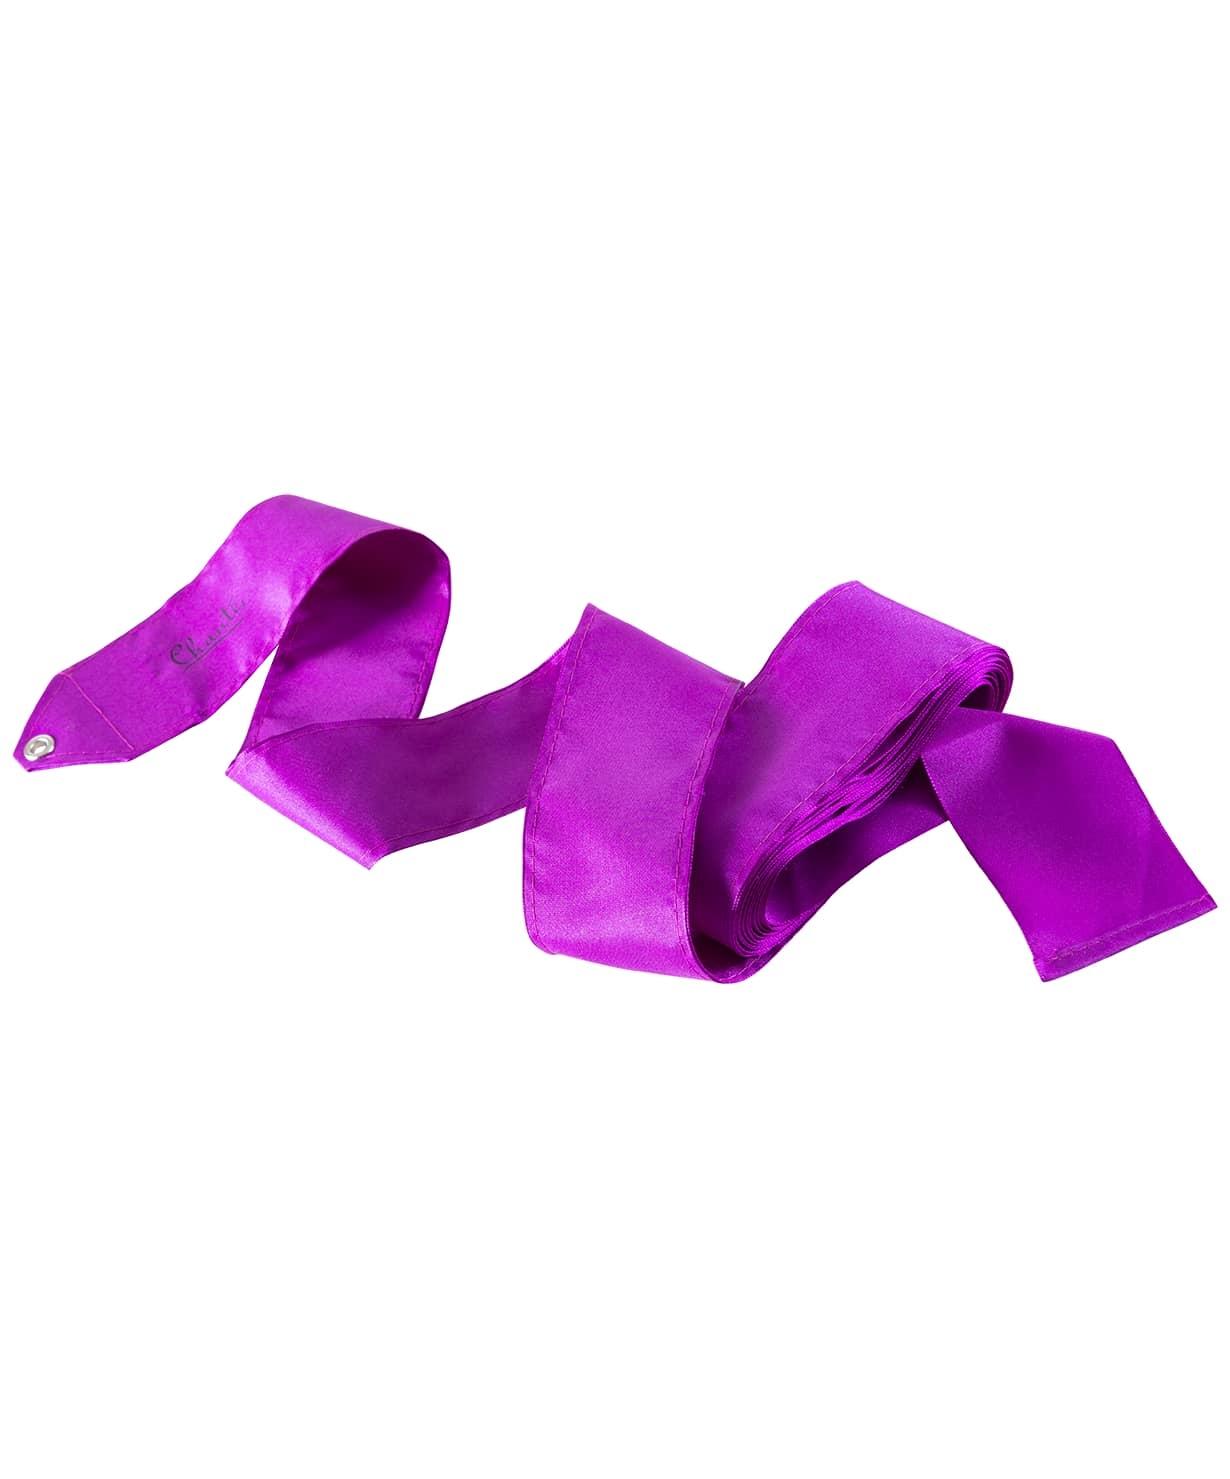 Лента для художественной гимнастики Voyage, 6 м, фиолетовая